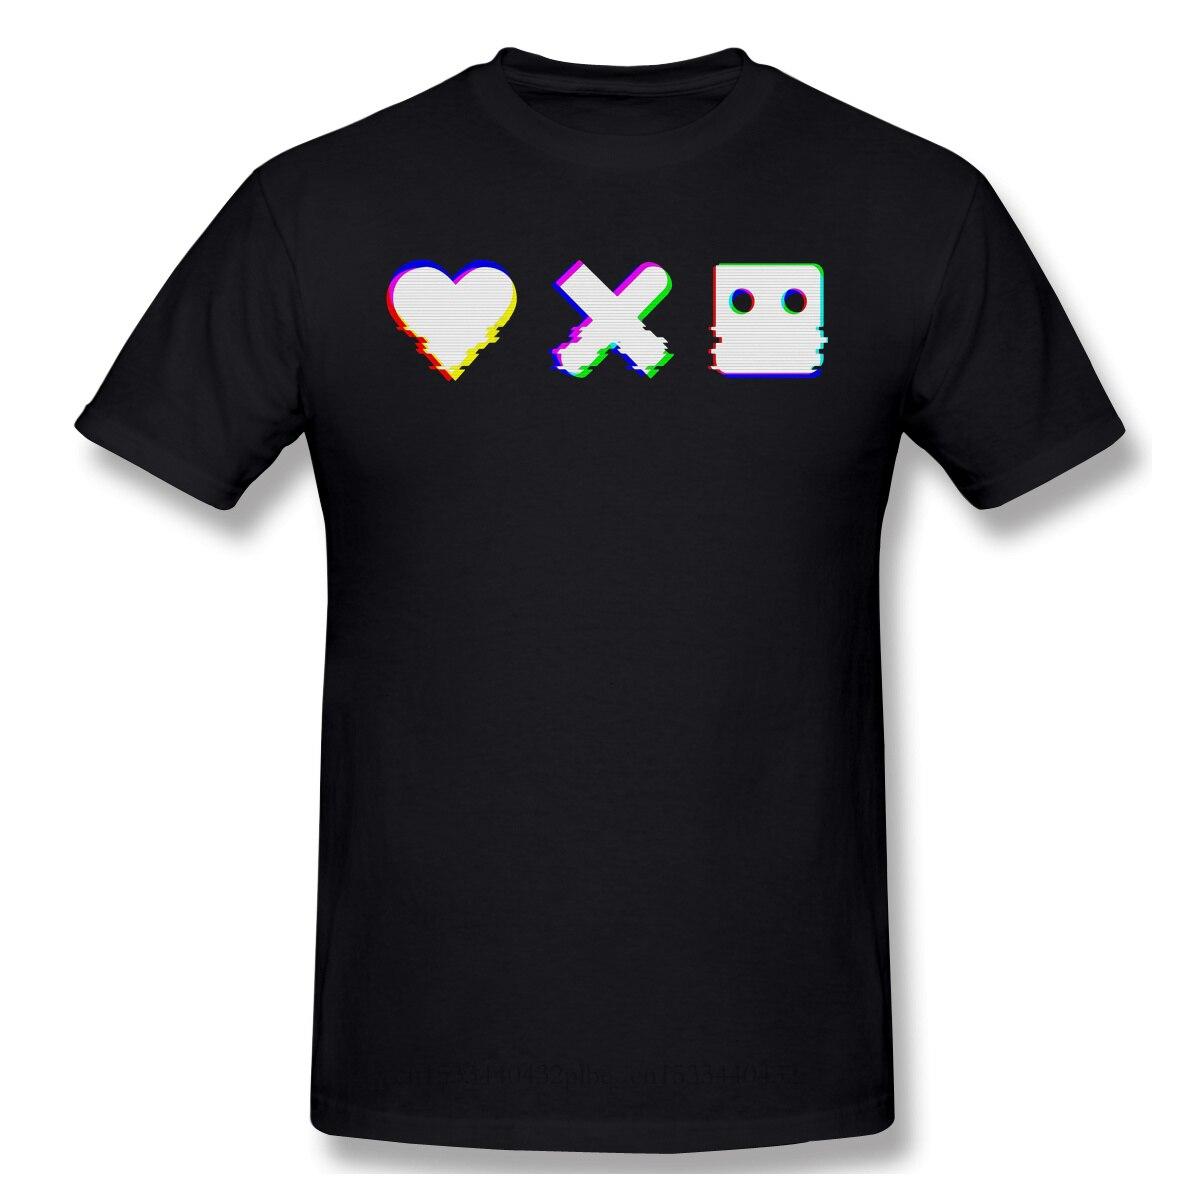 Ropa para hombre, amor a la muerte y Robots Sonny Jenifer, camiseta de animación de fantasía, camiseta roja, efecto Glitch, moda para hombres, manga corta